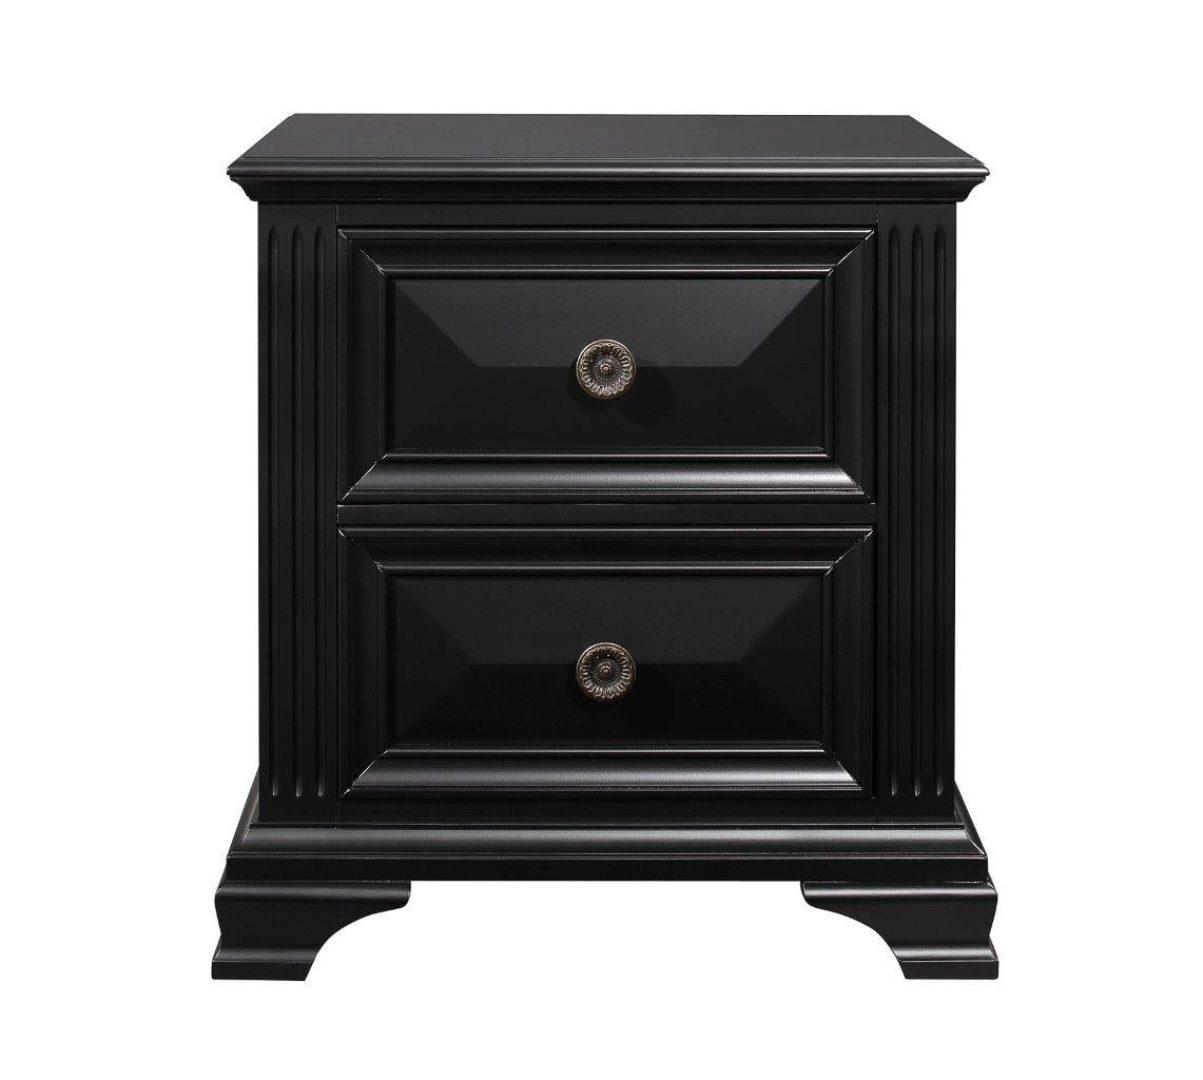 Image of: Global Furniture Carter Classic Gothic Design Black Finish King Bedroom Set 5pcs Carter Bedroom Ek Set 5